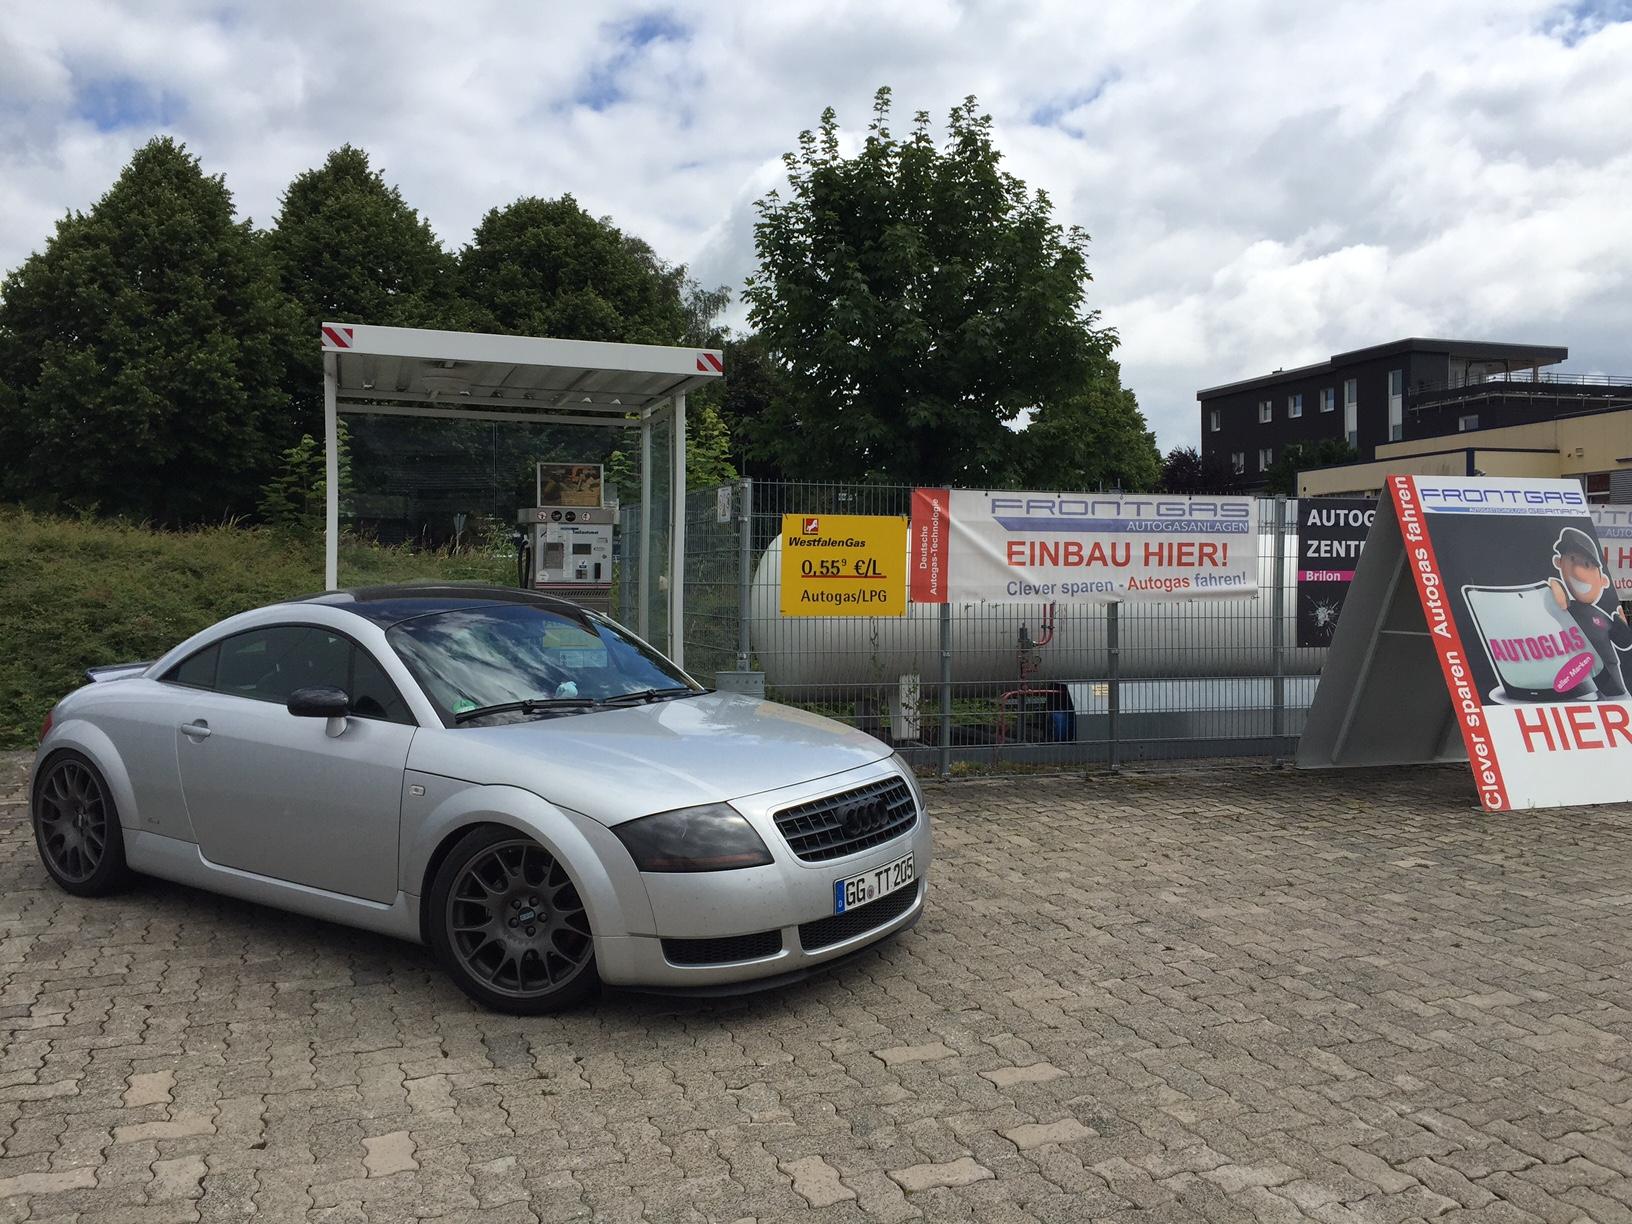 Autogas-Umrüstung-LPG-Frontgas-Audi-TT-1.8T-5